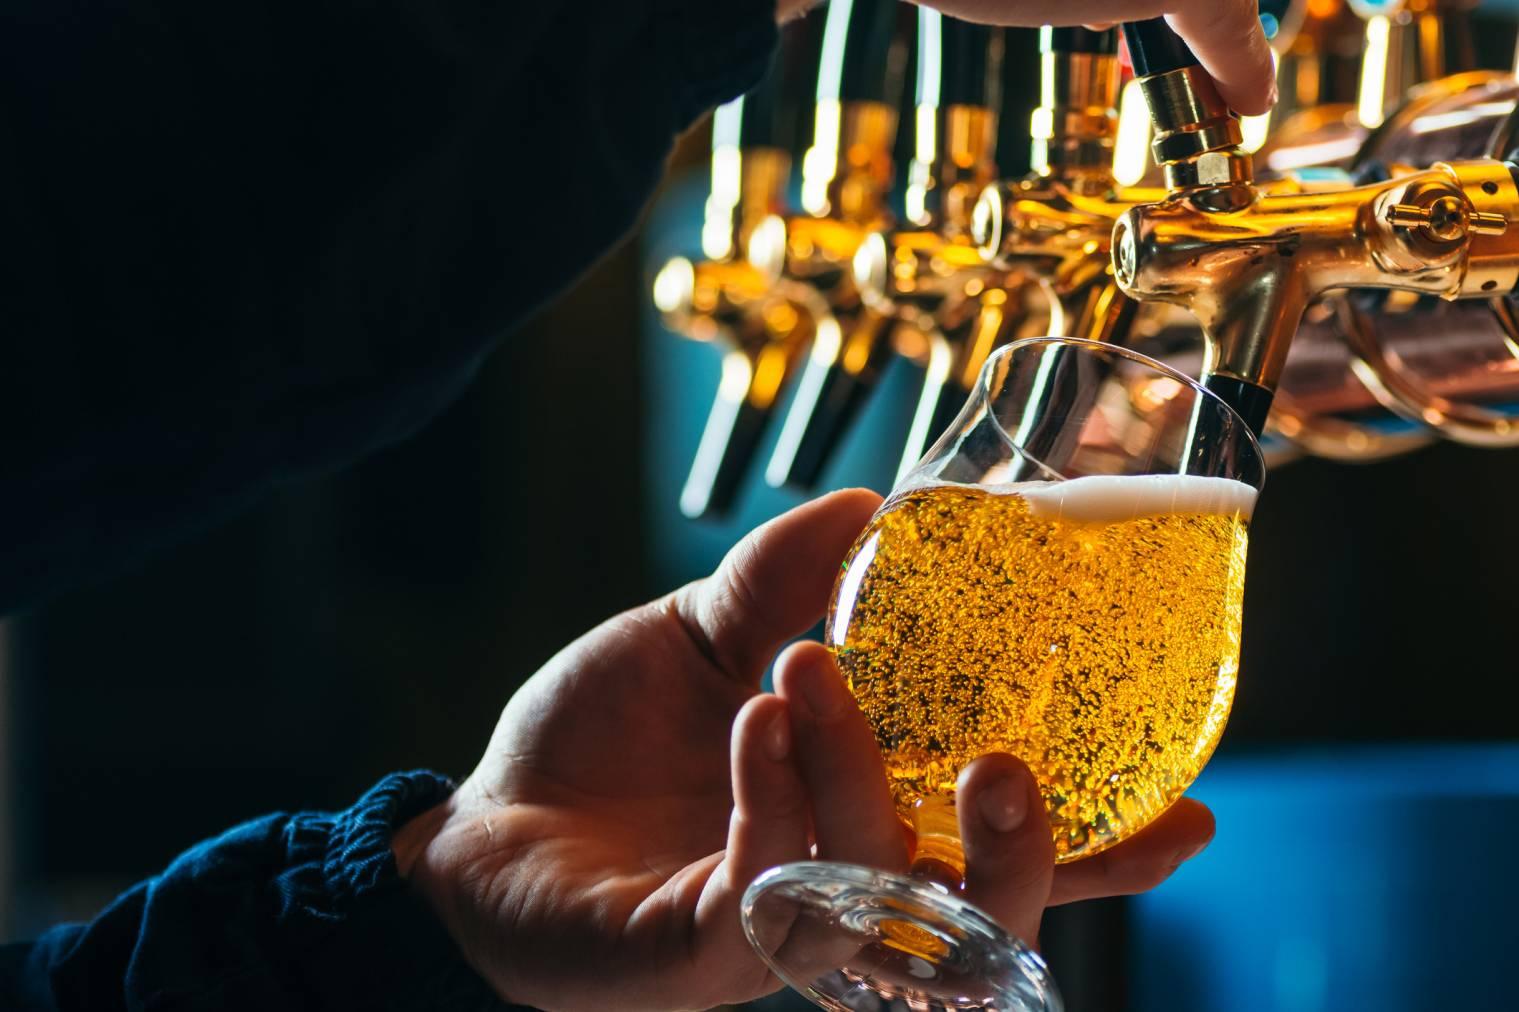 création débit de boissons